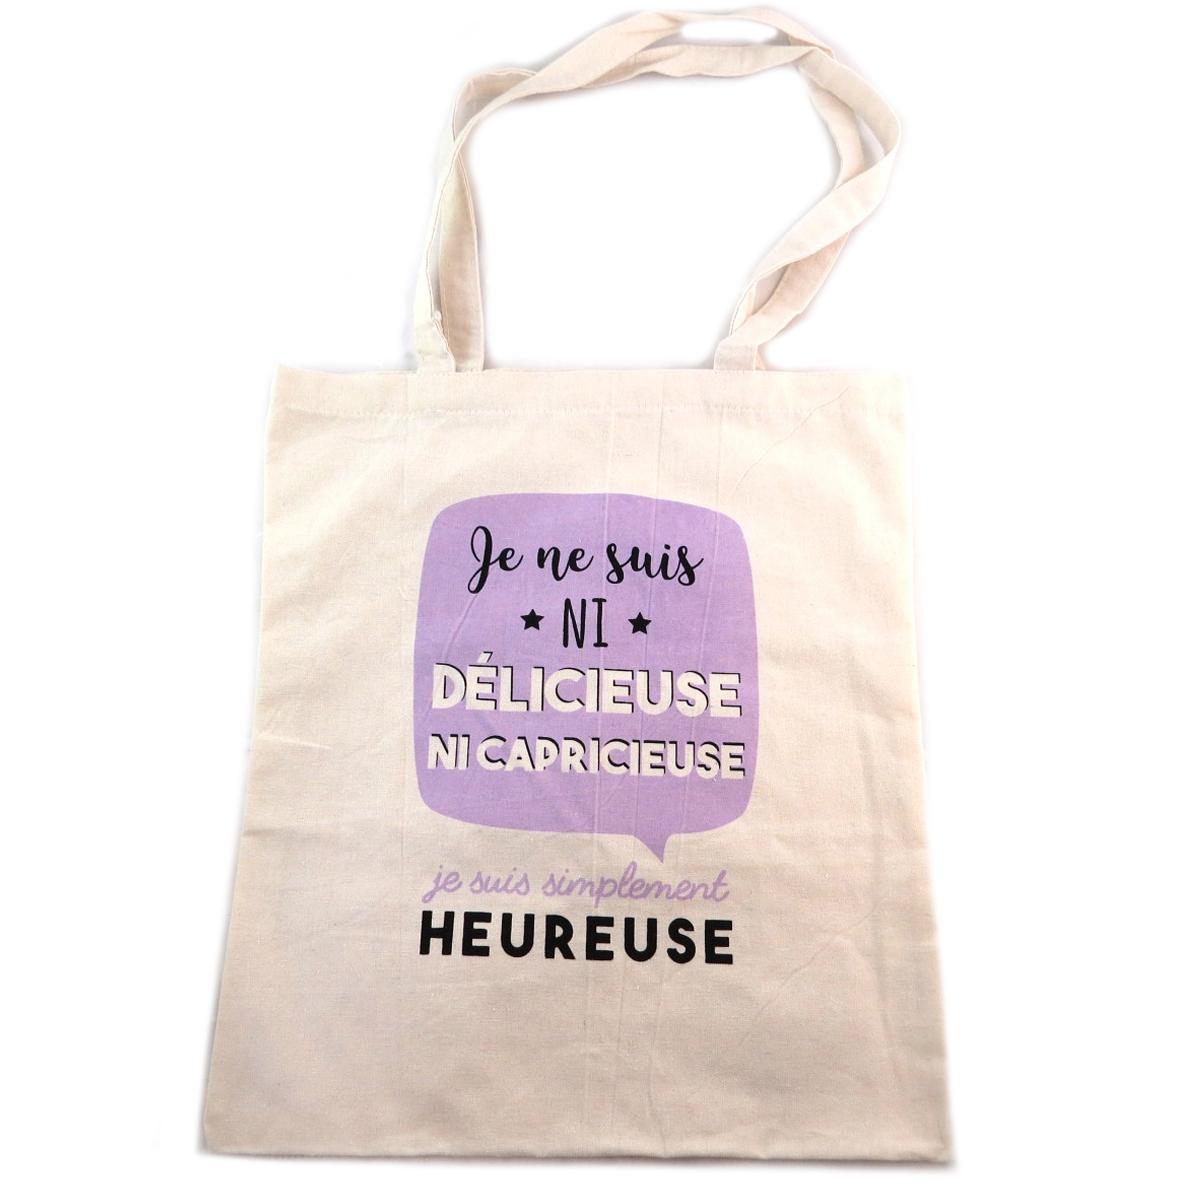 Sac coton / Tote bag \'Messages\' violet beige (Je ne suis ni delicieuse ni capricieuse je suis simplement Heureuse) -  41x365 cm - [Q0362]